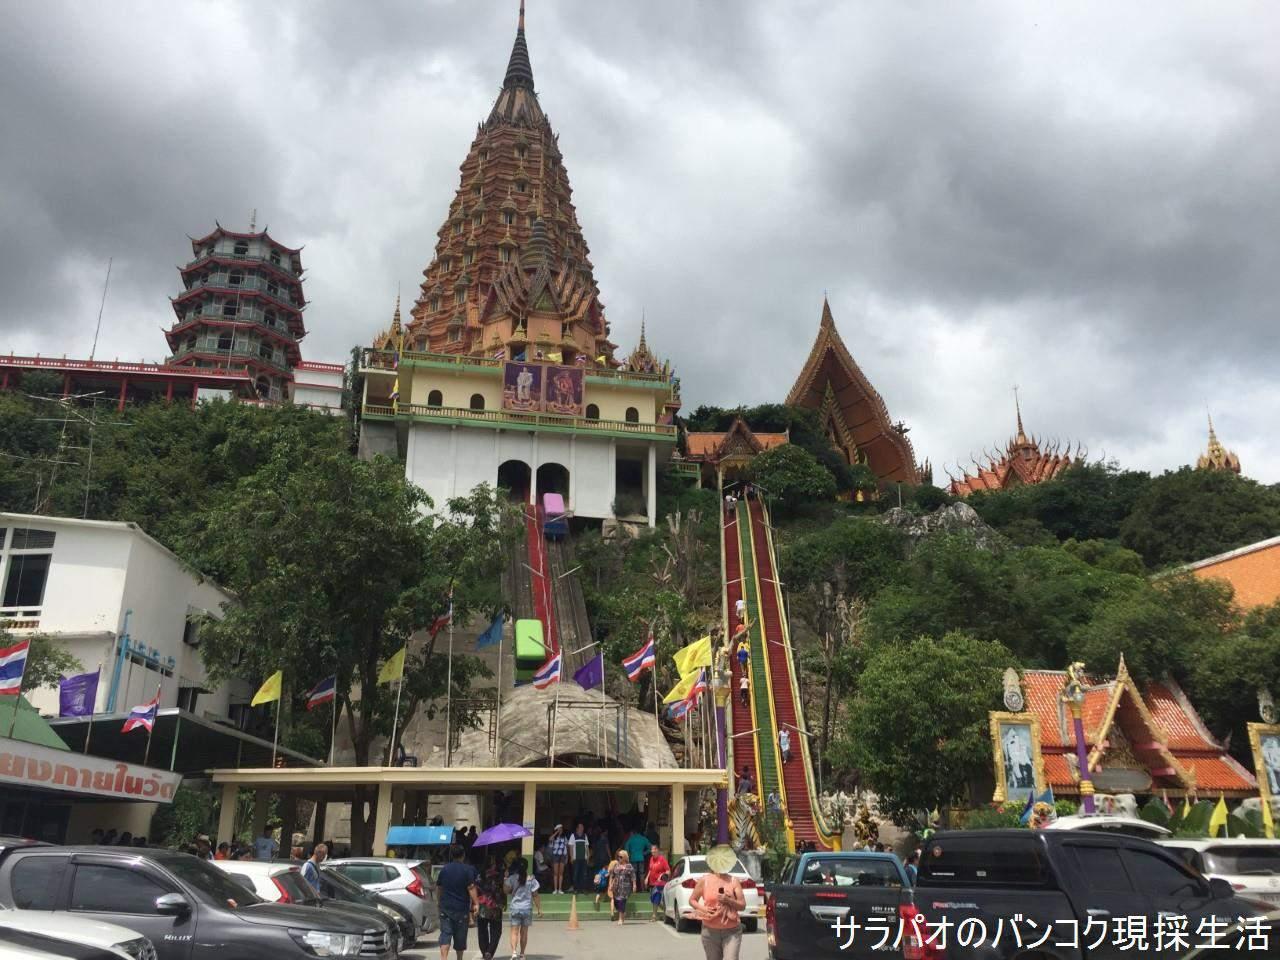 丘の上にある寺院ワット・タムスアは仏塔、巨大座仏、洞窟と見どころ満載! in カンチャナブリ